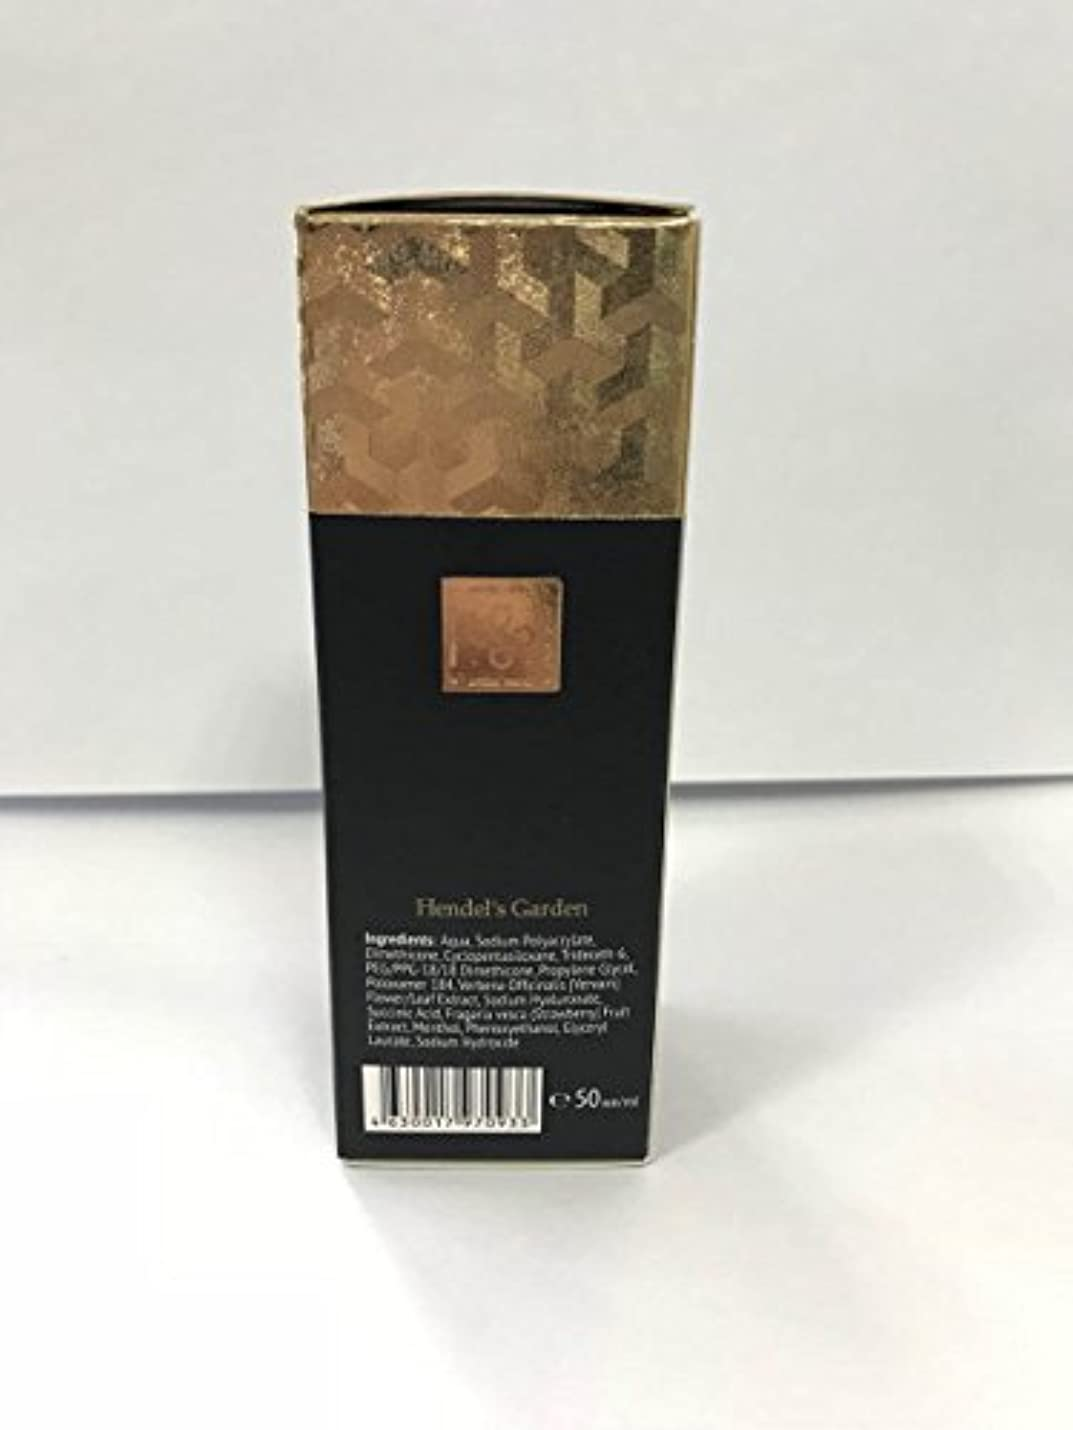 理論お手入れ最高タイタンジェル ゴールド Titan gel Gold 50ml 日本語説明付き [並行輸入品]